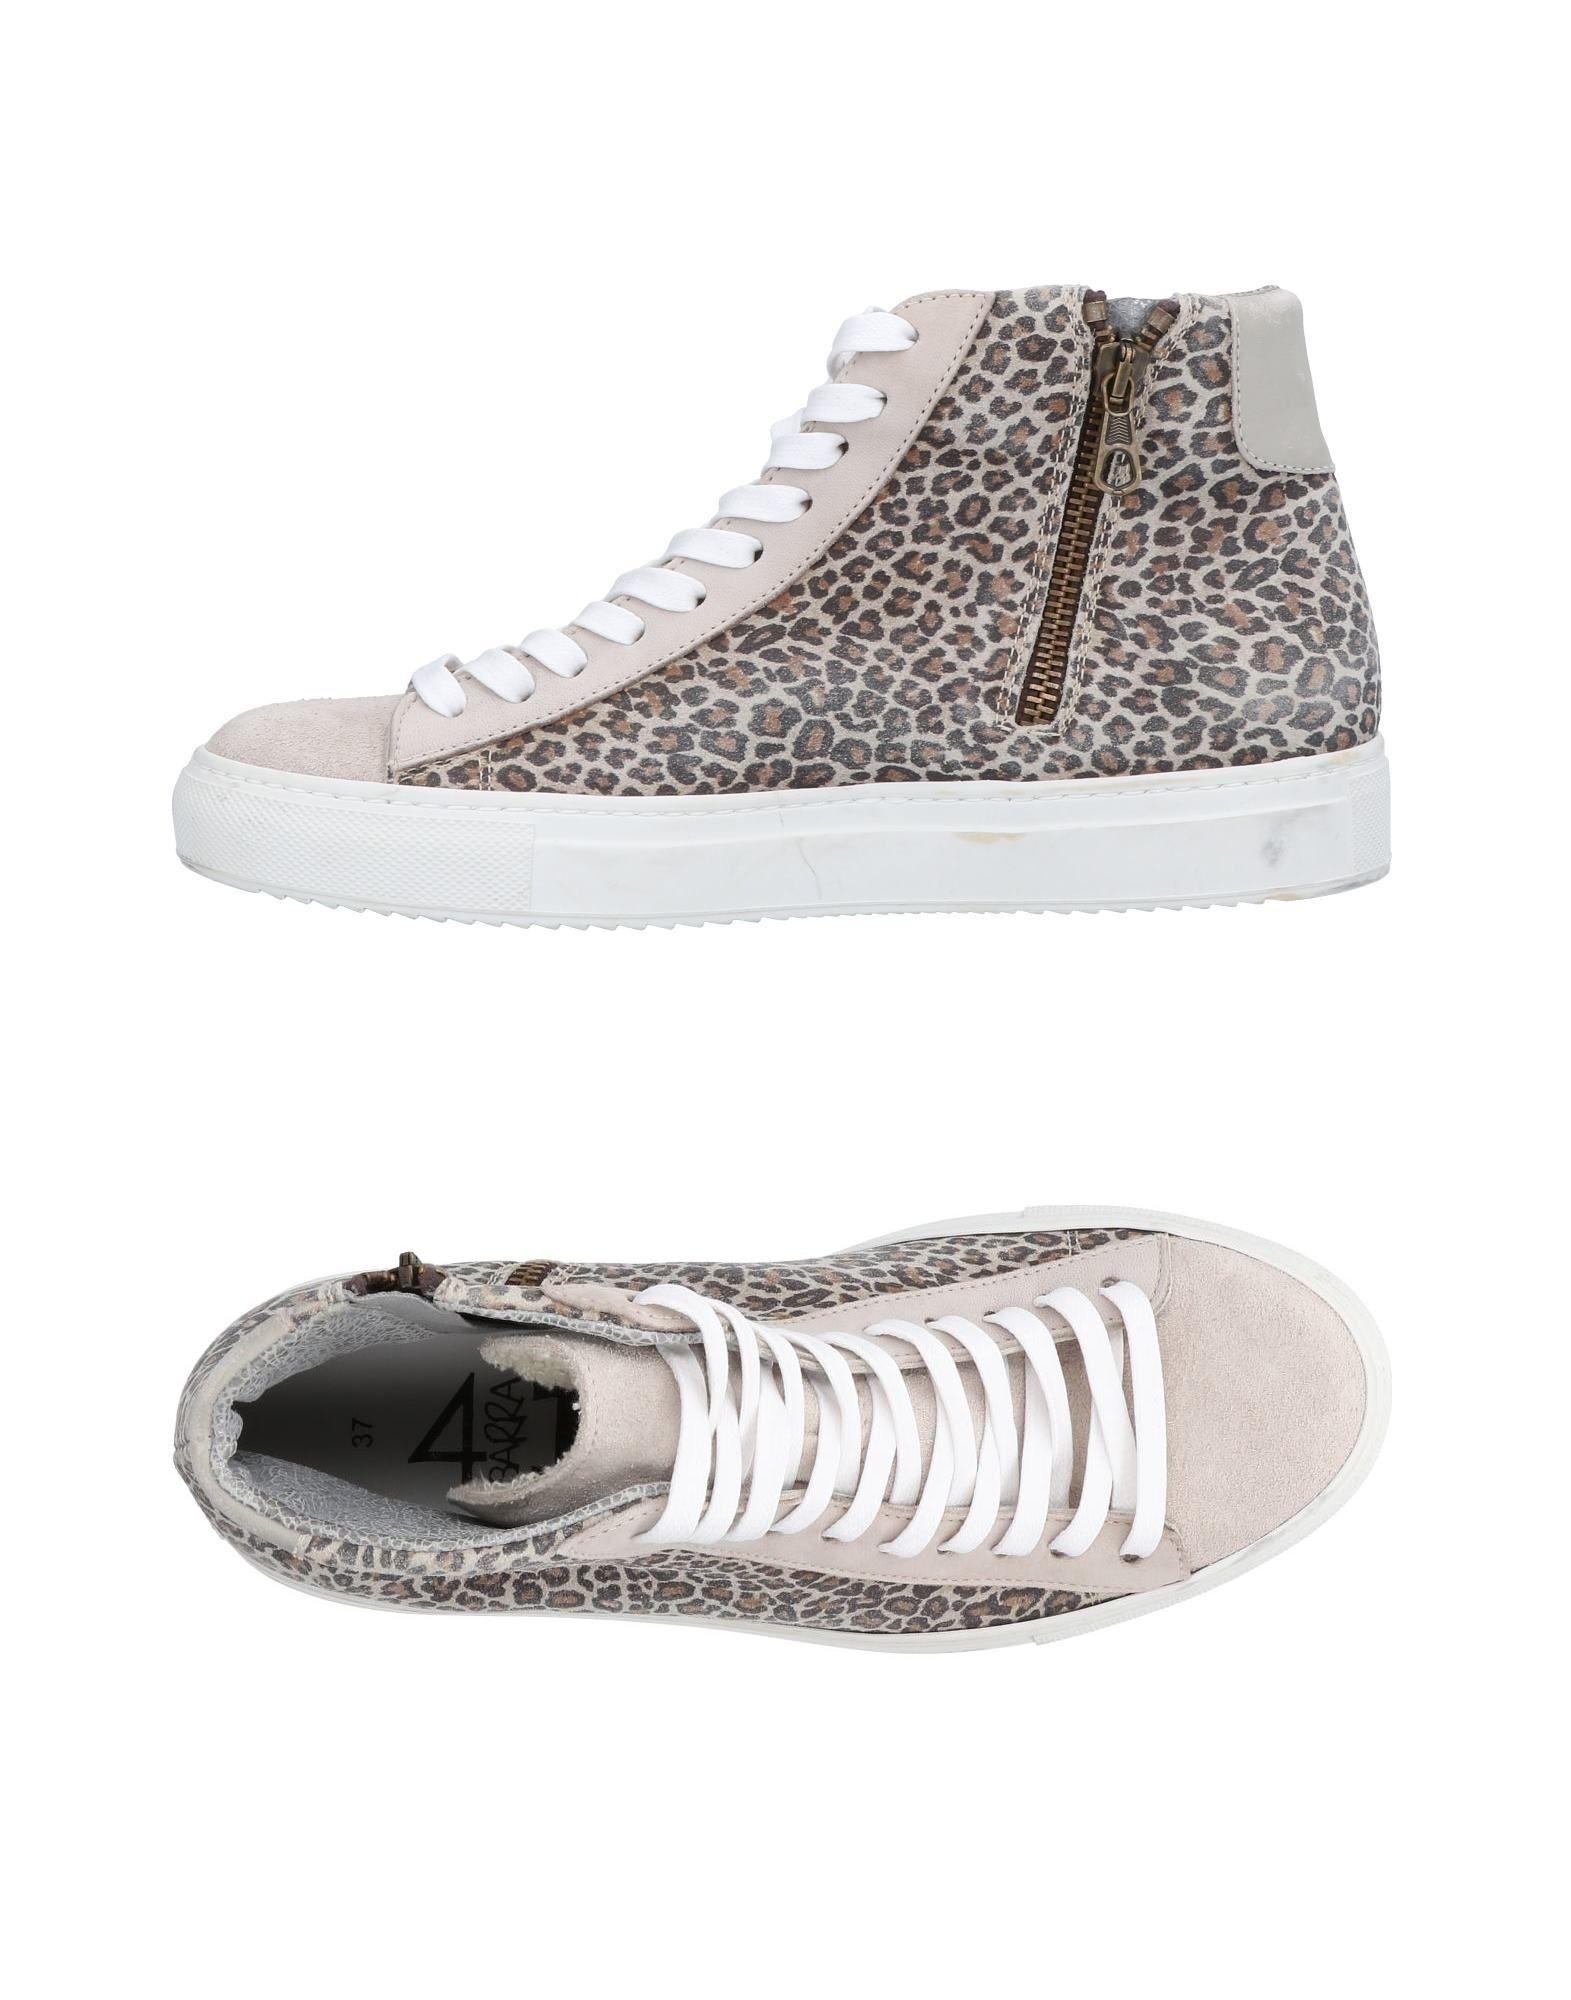 Moda Sneakers Quattrobarradodici Quattrobarradodici Sneakers Donna - 11459518CC 171900